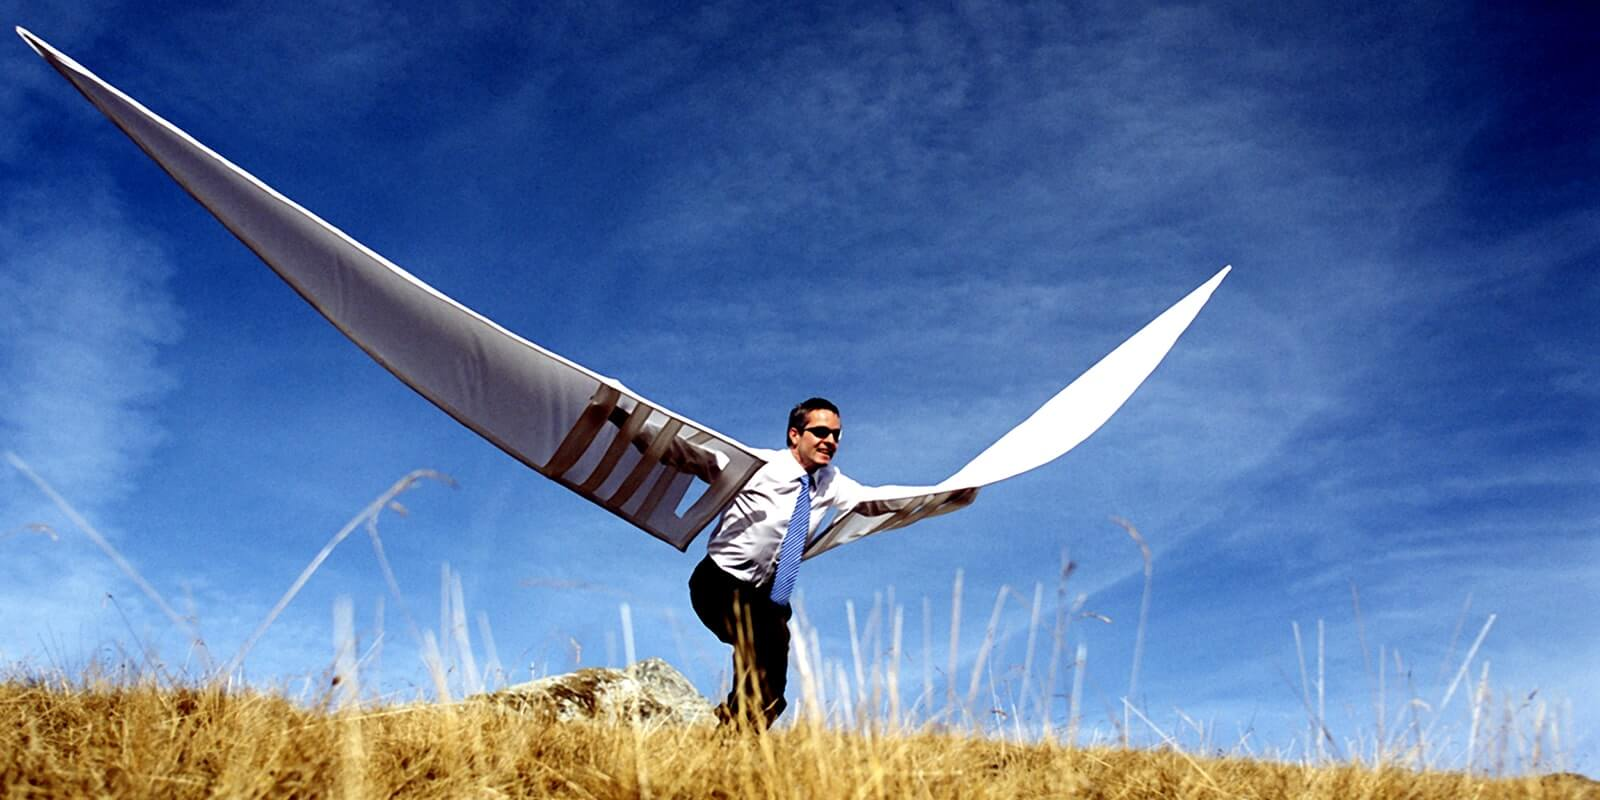 китайцев узкие картинка с летящим человечком является одним самых